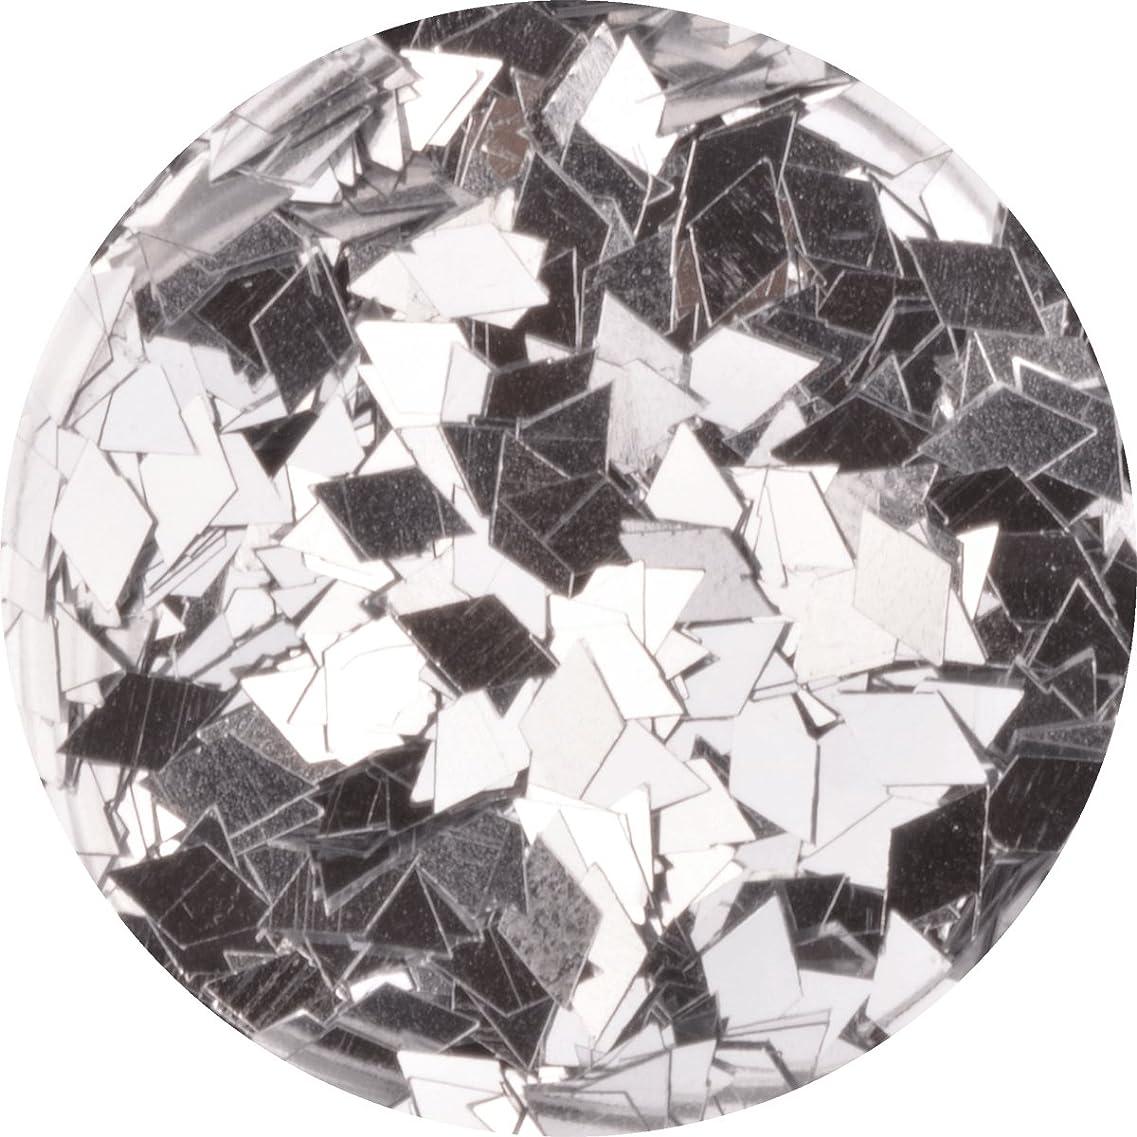 要件入手します大使ひし形 ダイヤ型 ホログラム 選べる12色 (09.シルバー)